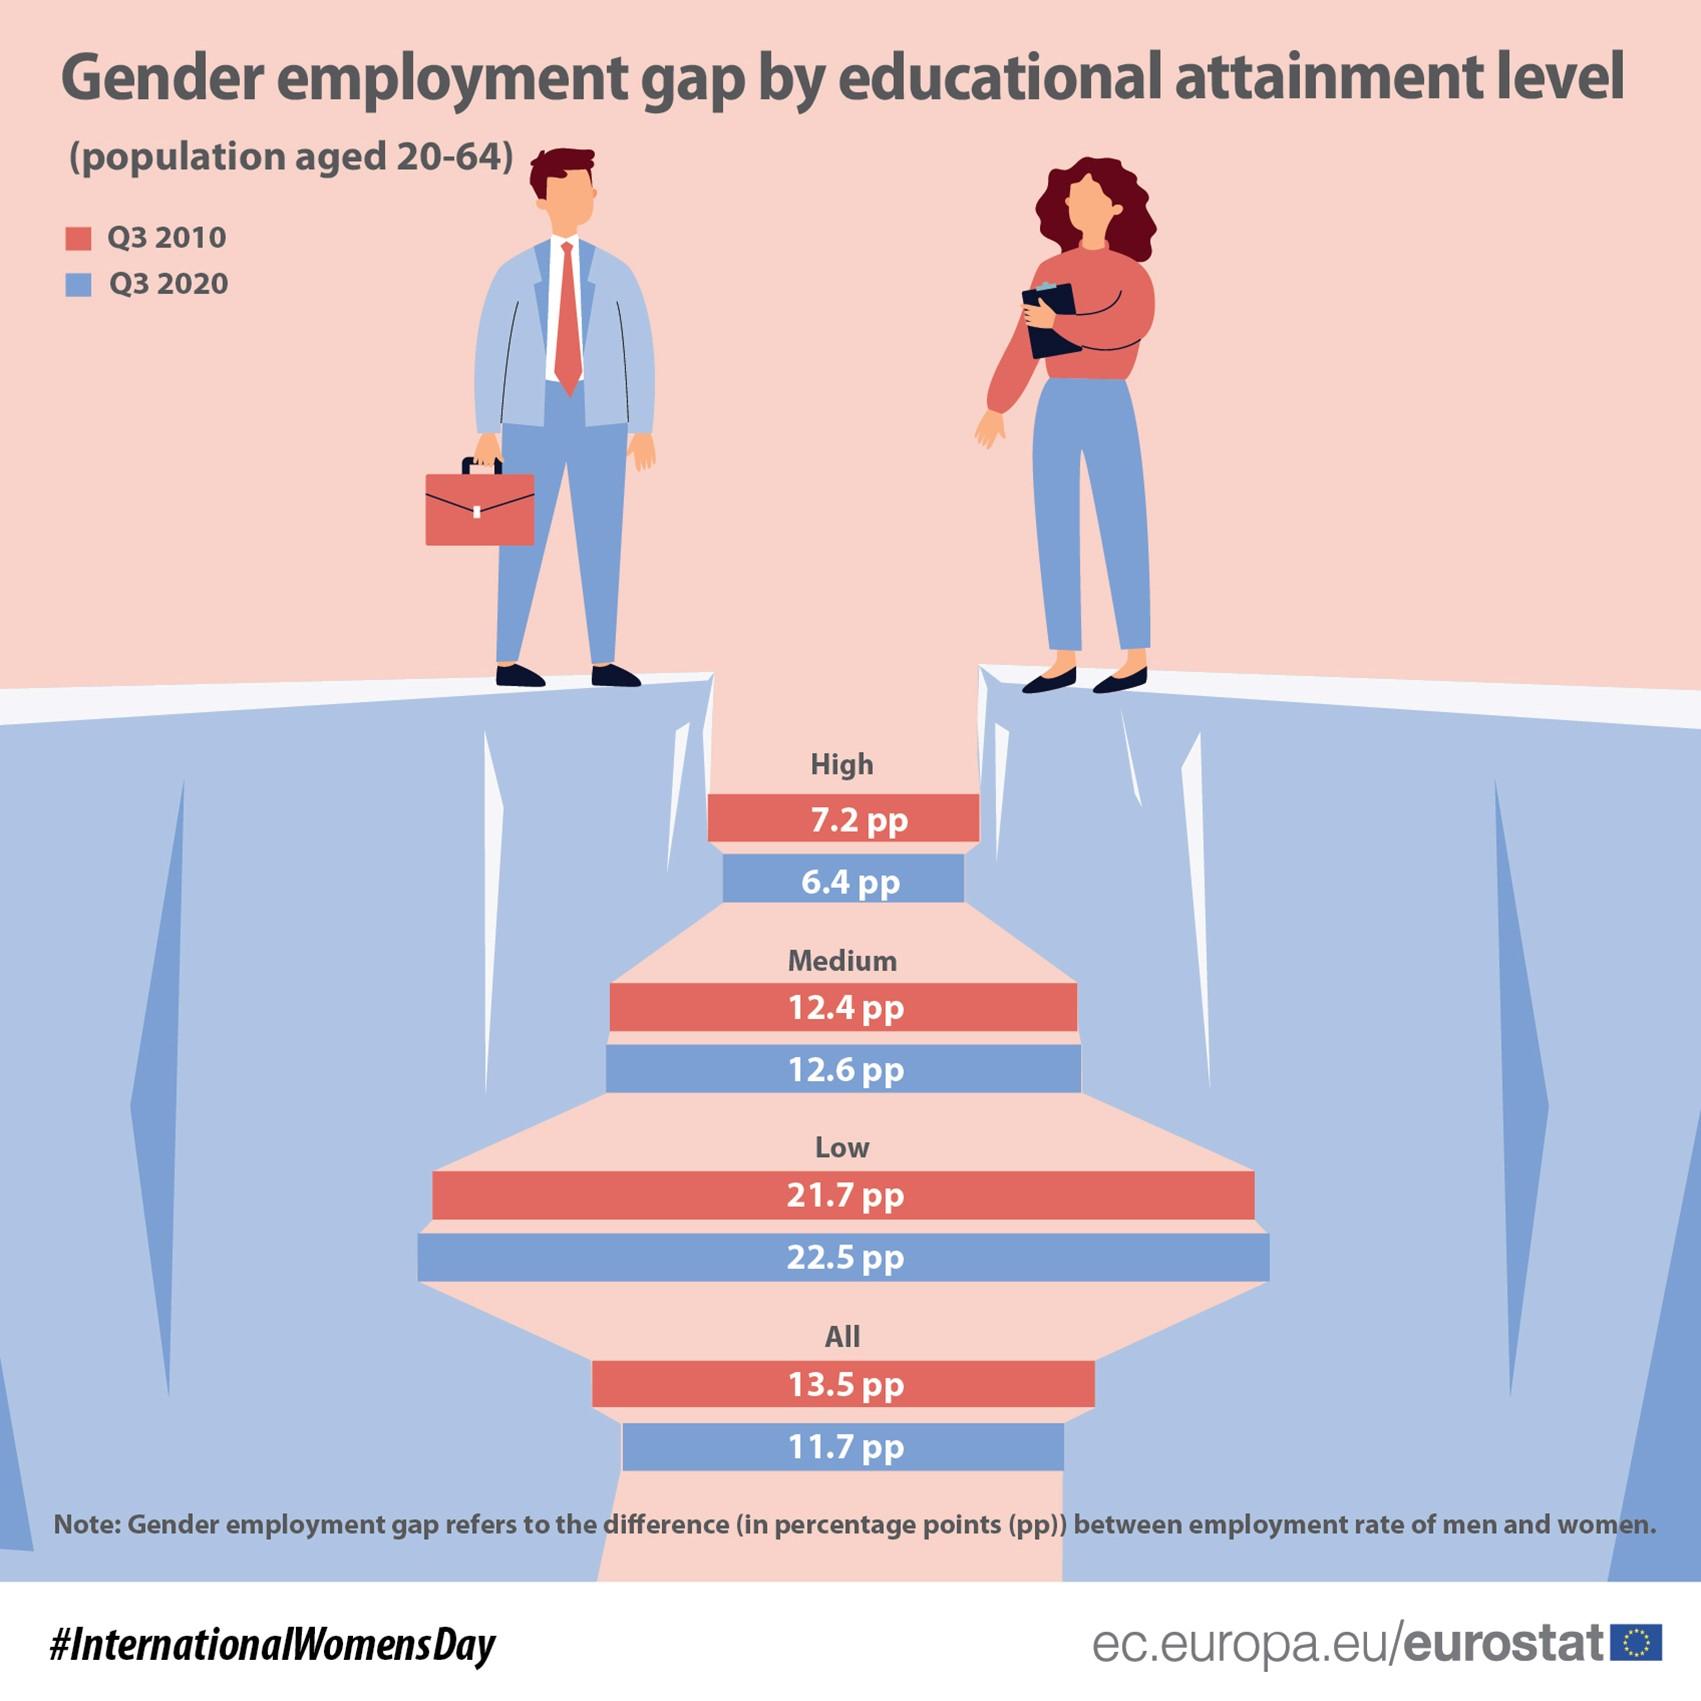 Gender employment gap